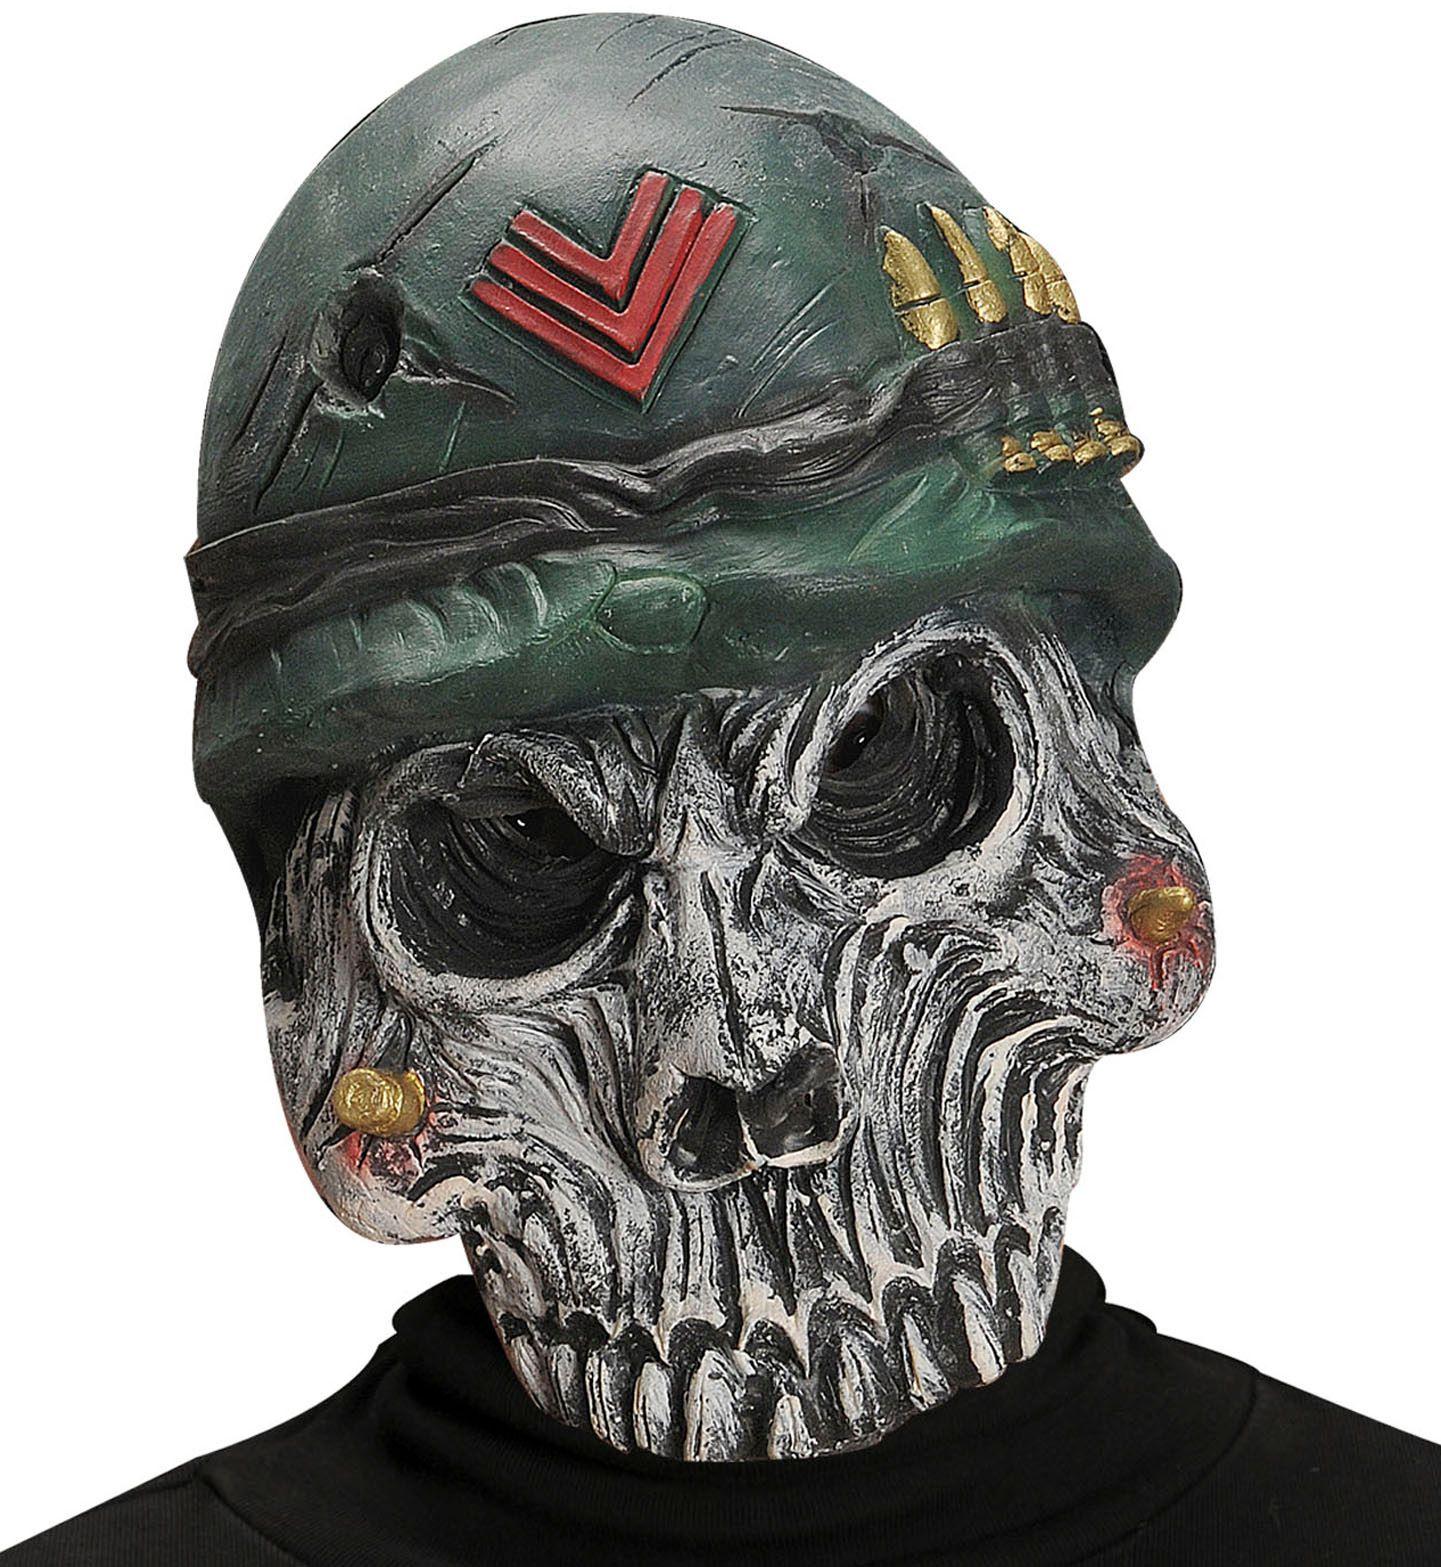 Soldaten schedel masker